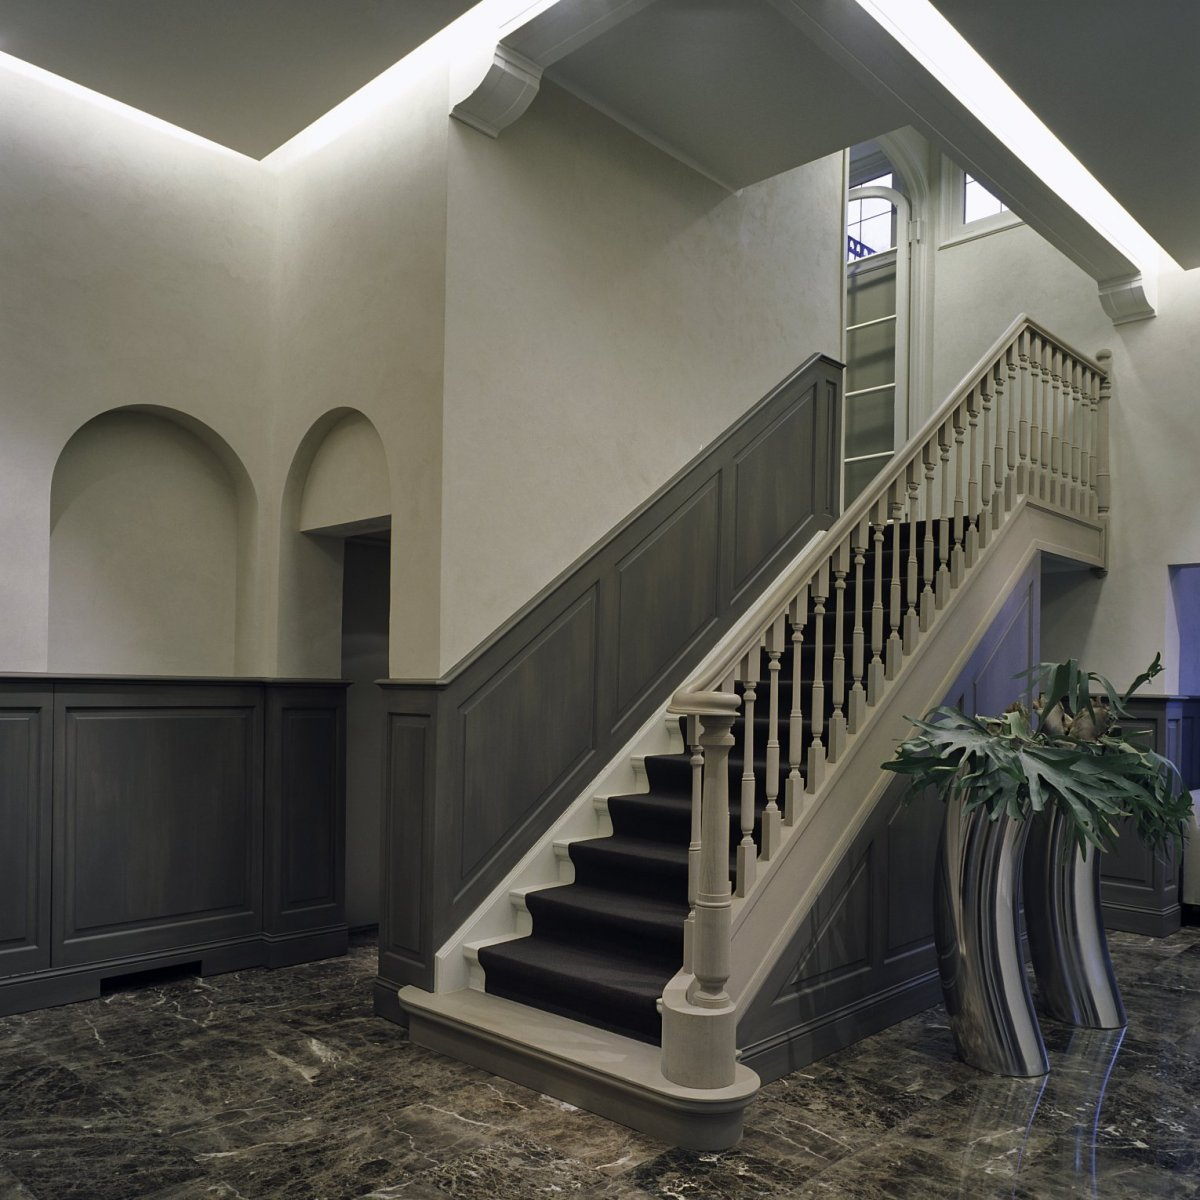 File:Interieur, overzicht van de hal met lambrisering en trap - Vught ...